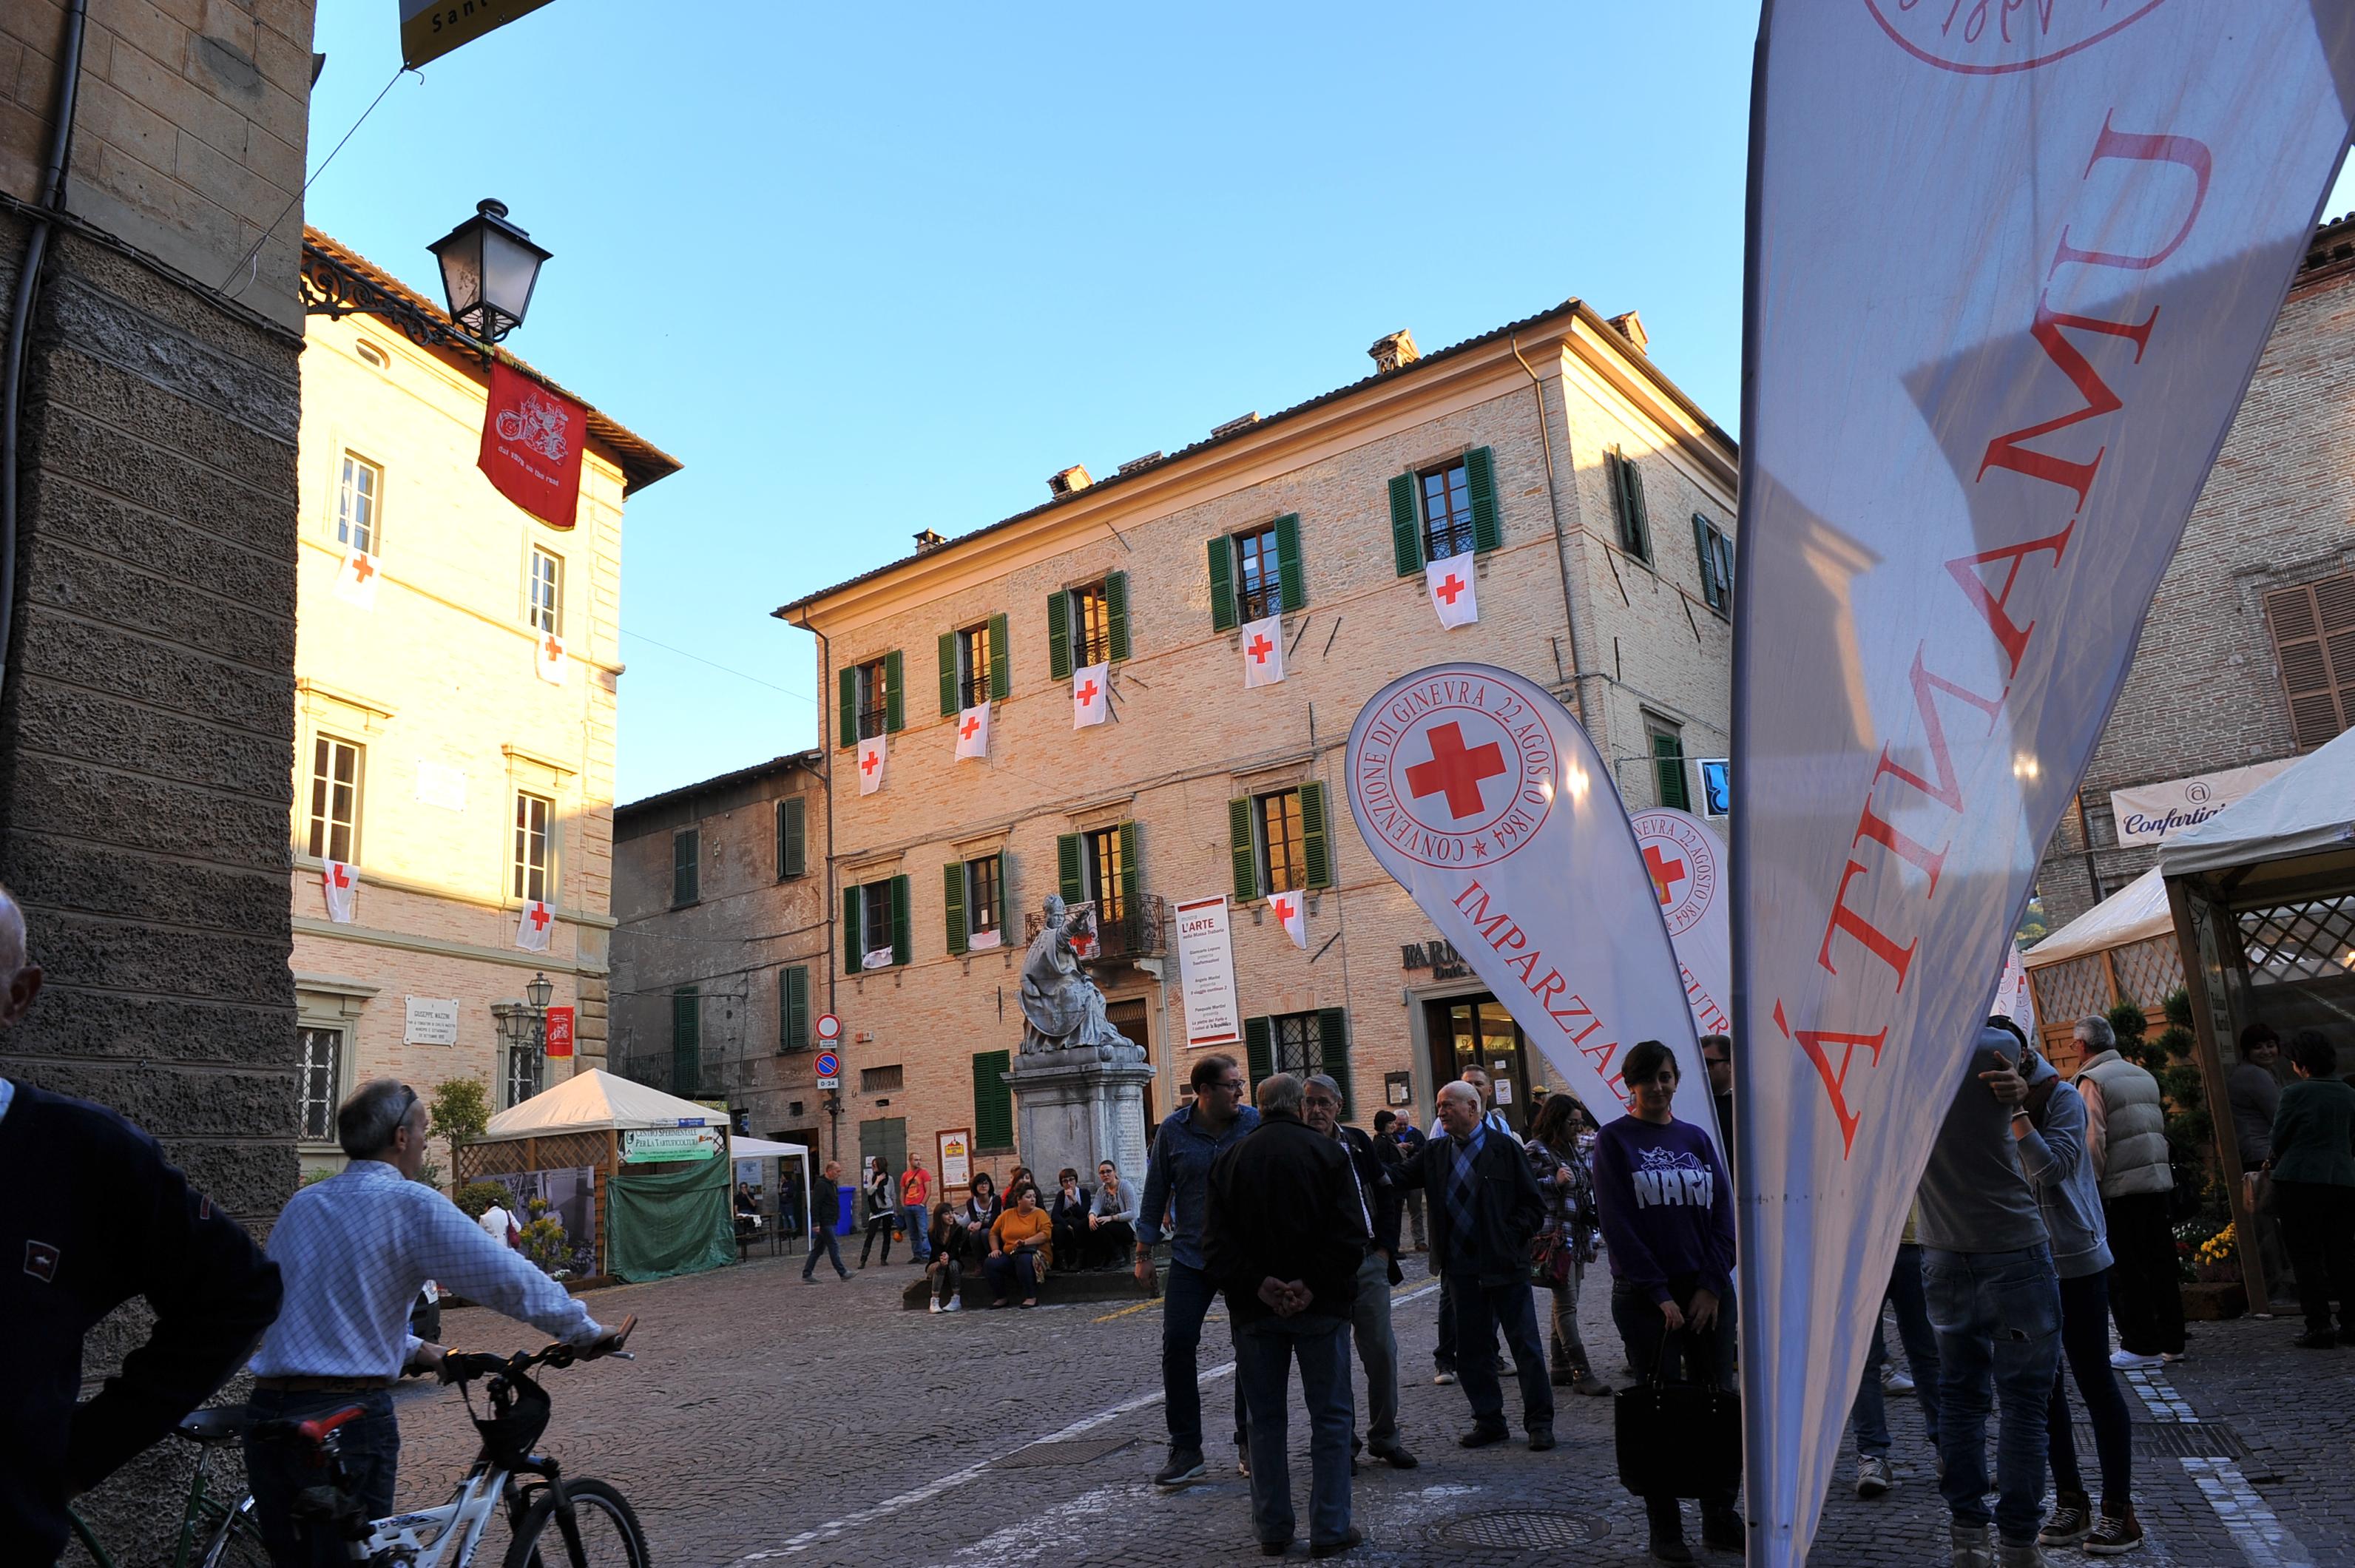 la CRI in Piazza a Sant'Angelo in Vado